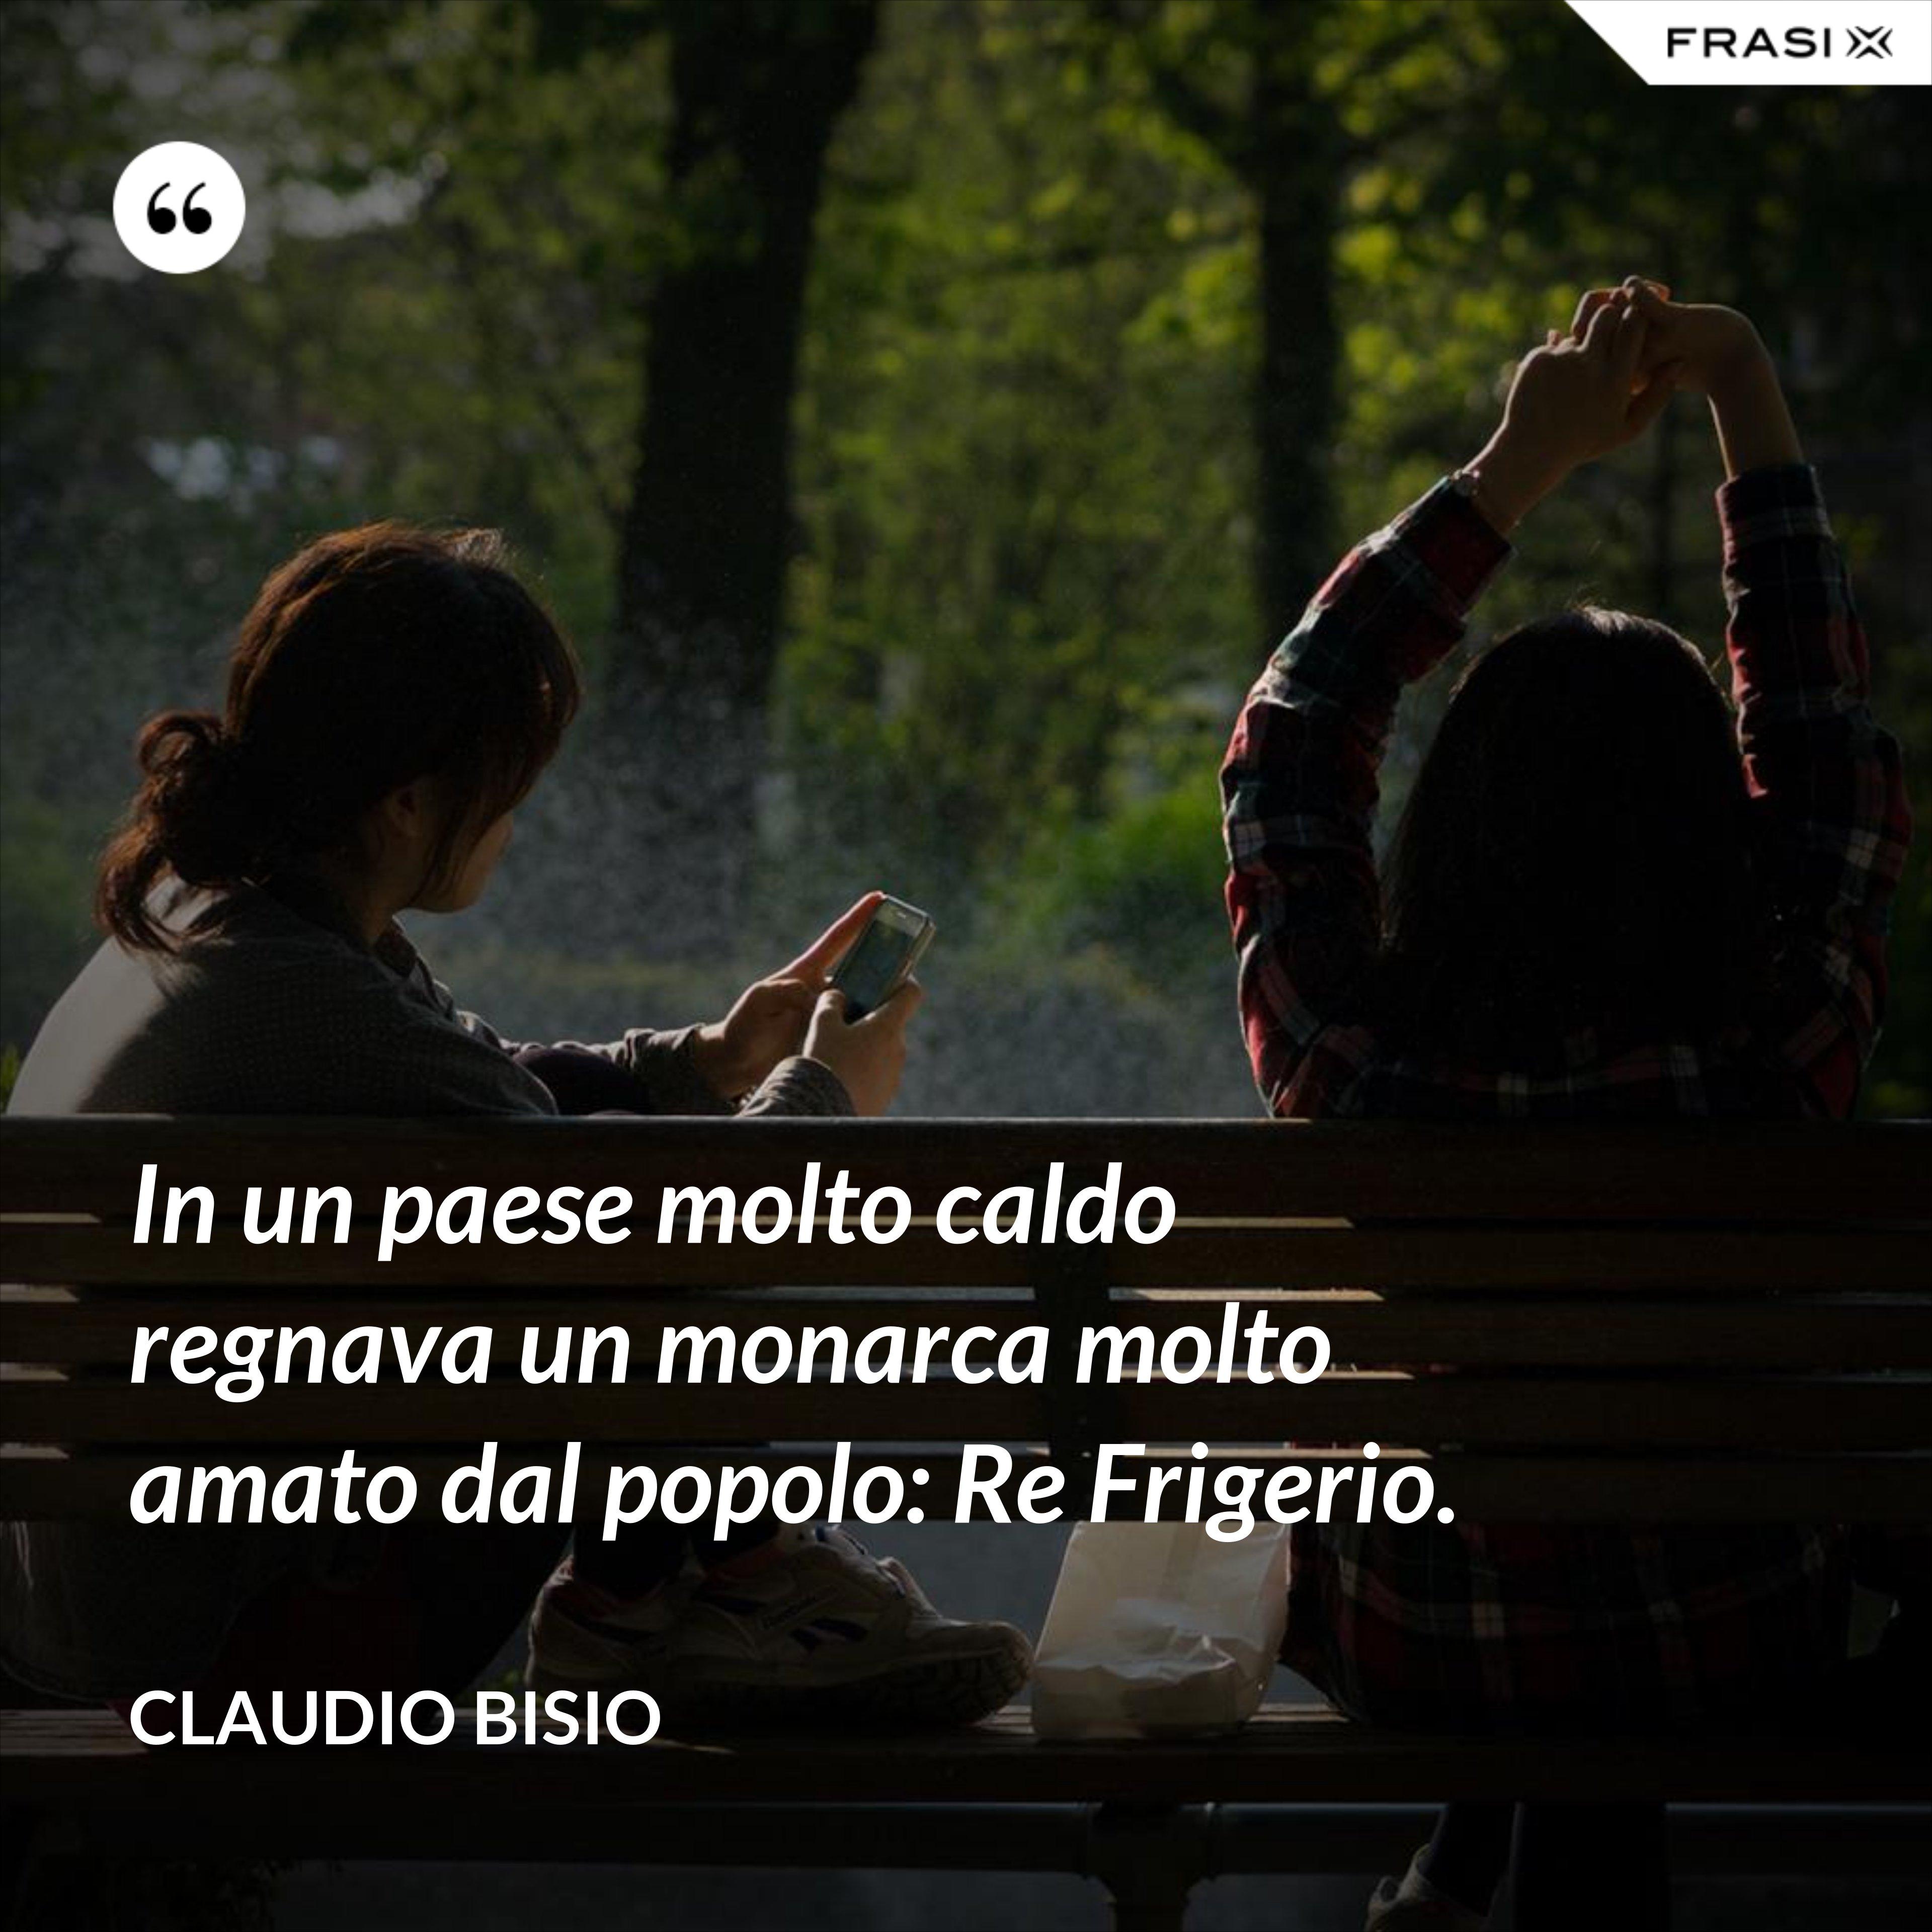 In un paese molto caldo regnava un monarca molto amato dal popolo: Re Frigerio. - Claudio Bisio